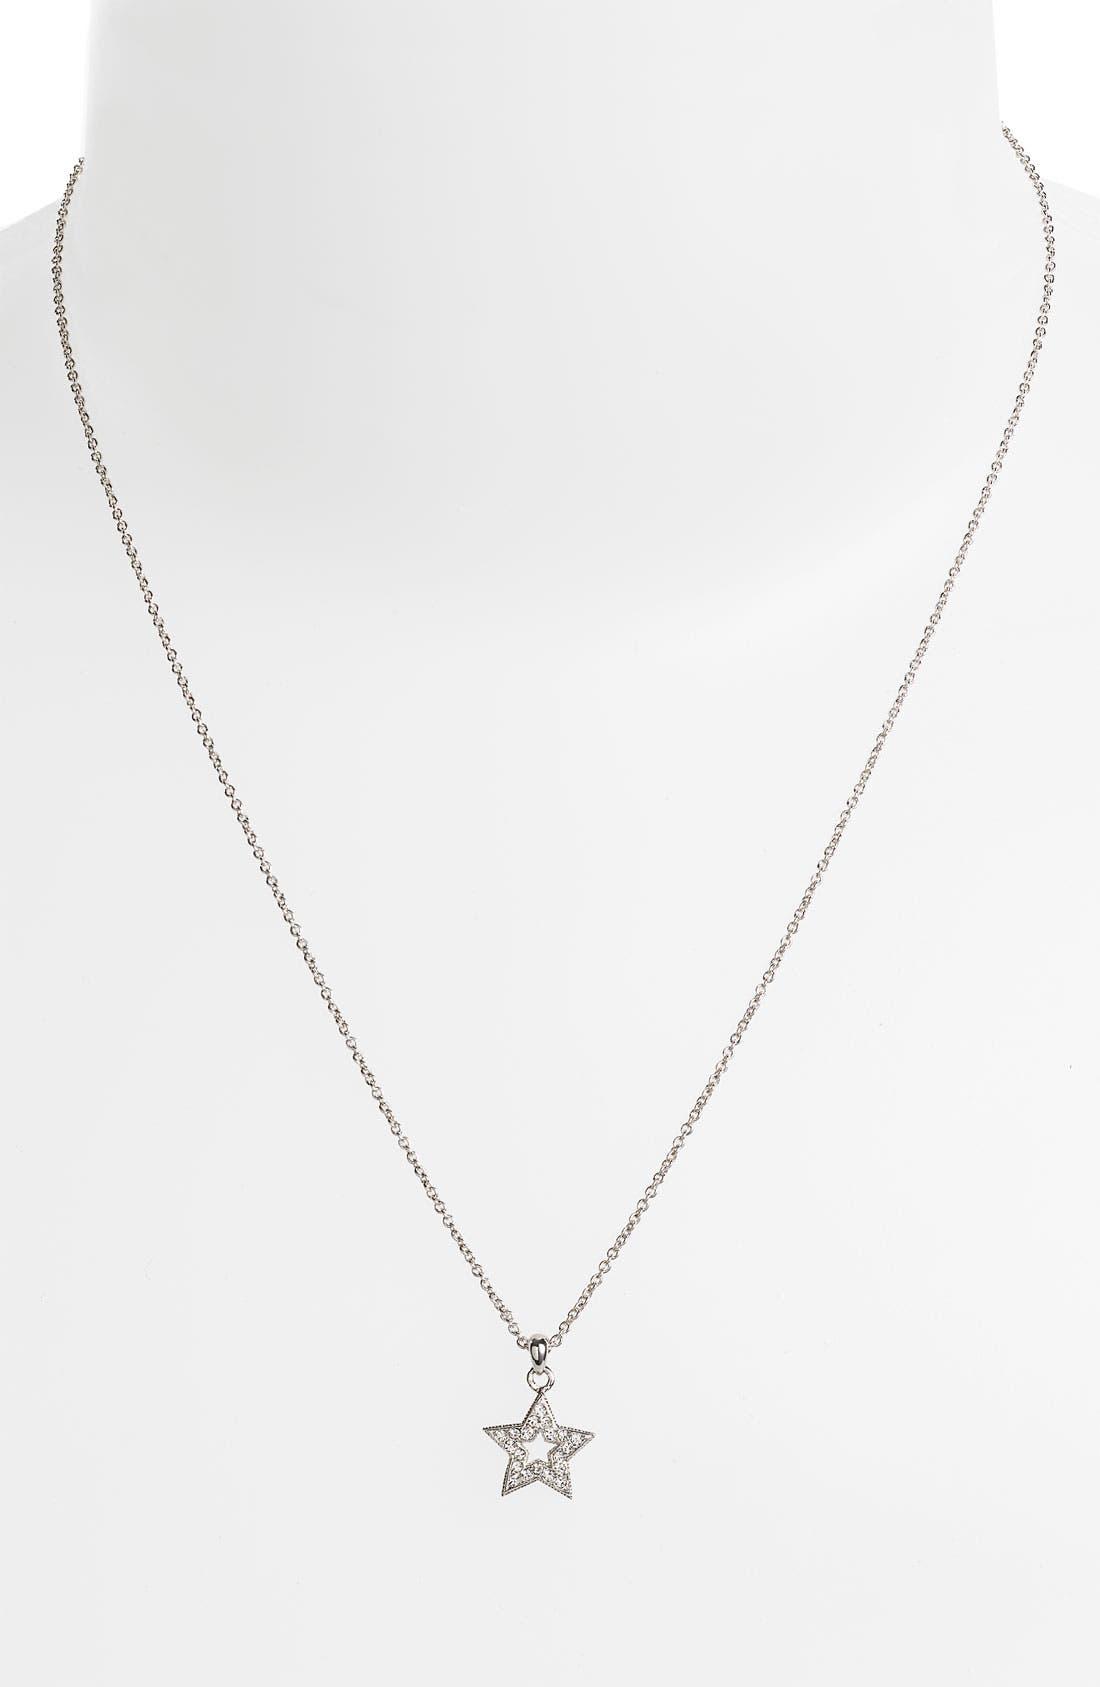 NADRI Small Star Pendant Boxed Necklace, Main, color, 040